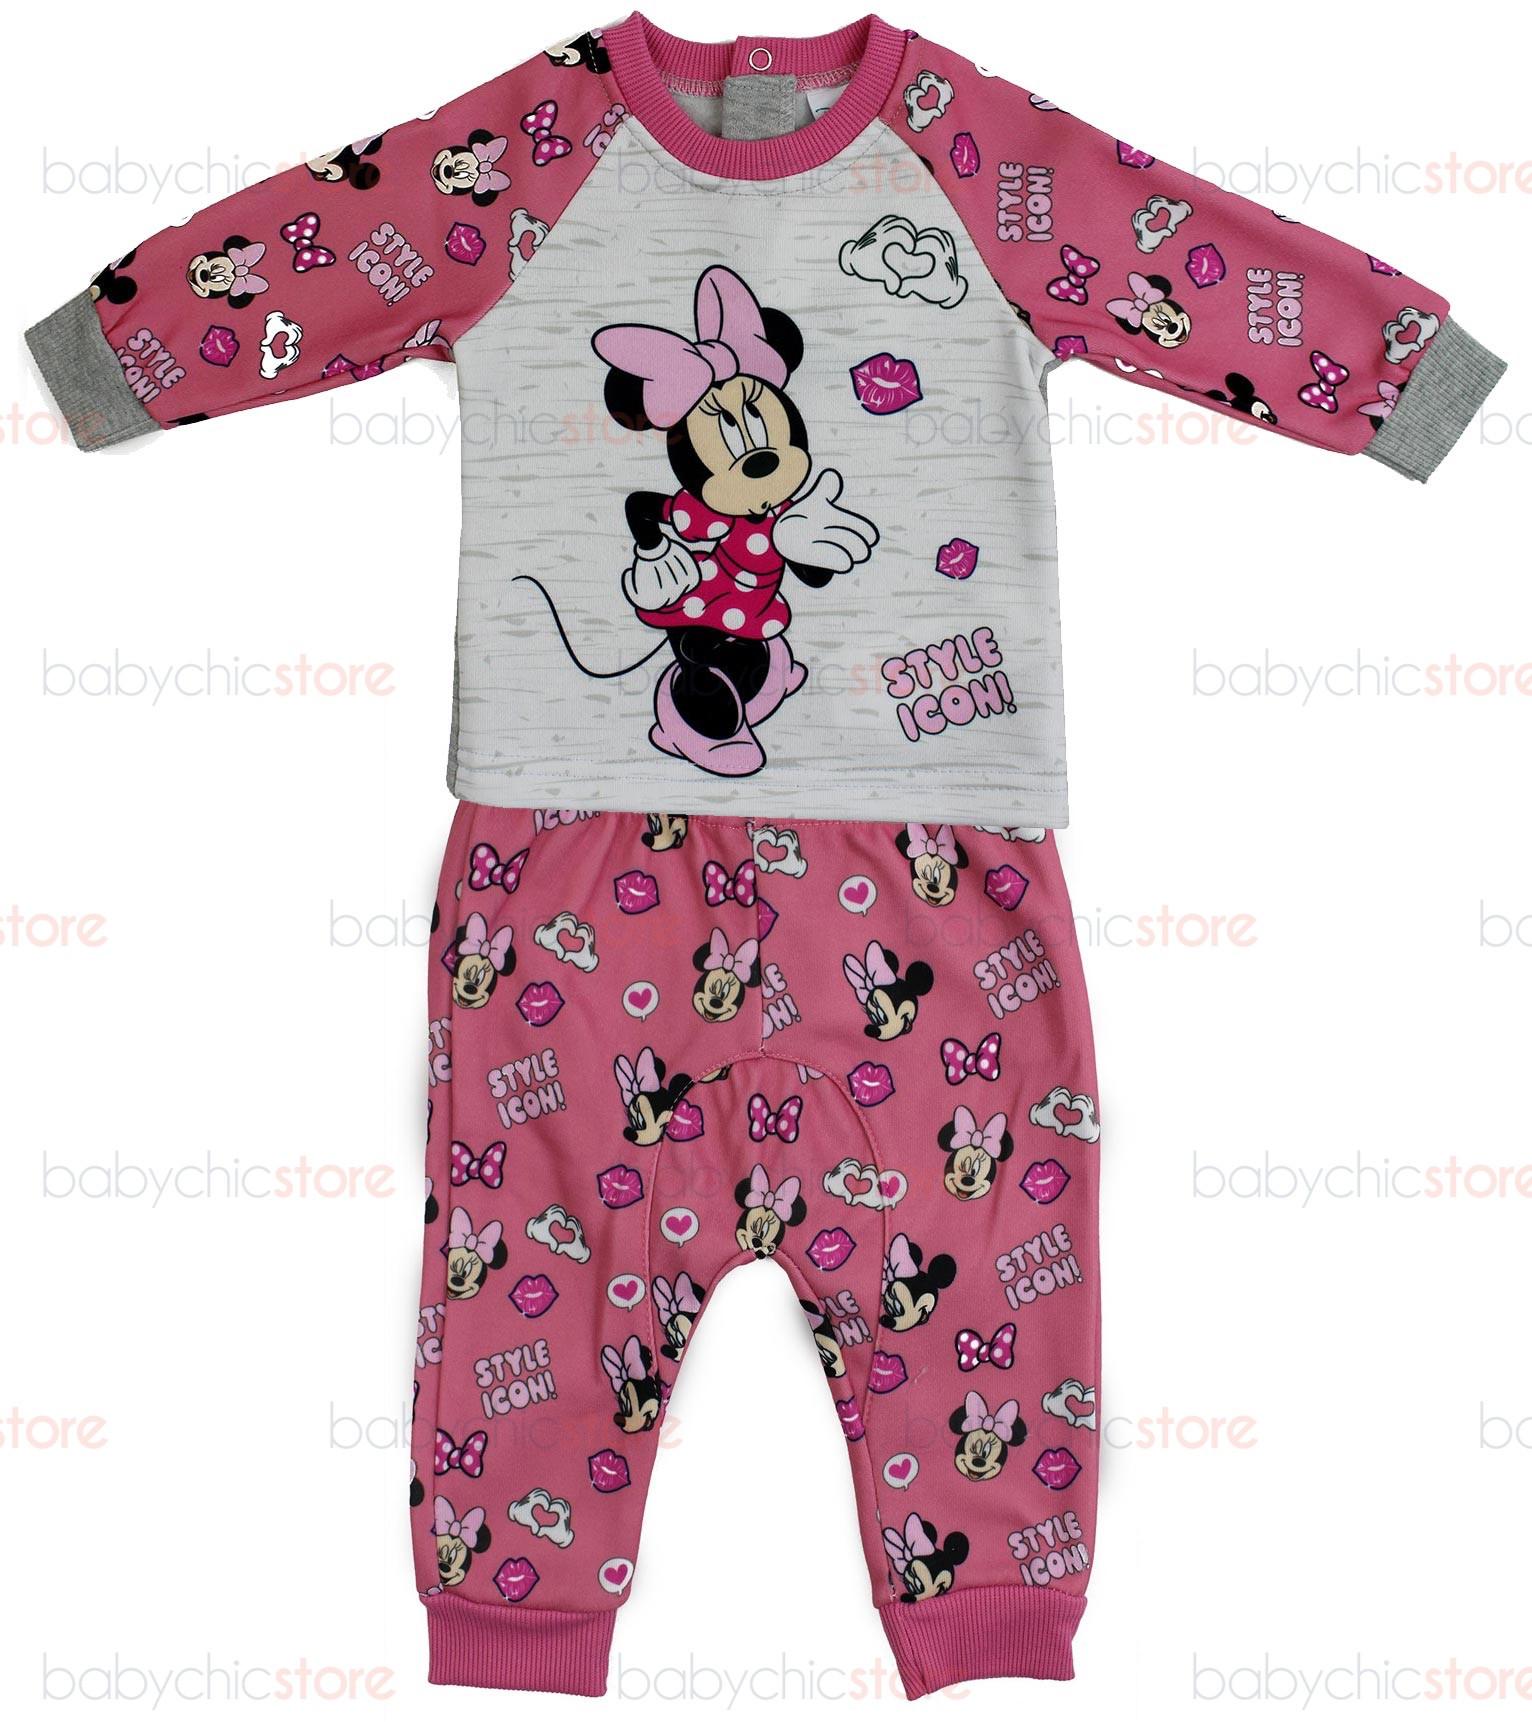 Tuta Neonato Disney Minnie Rosa/Grigio - 6 Mesi